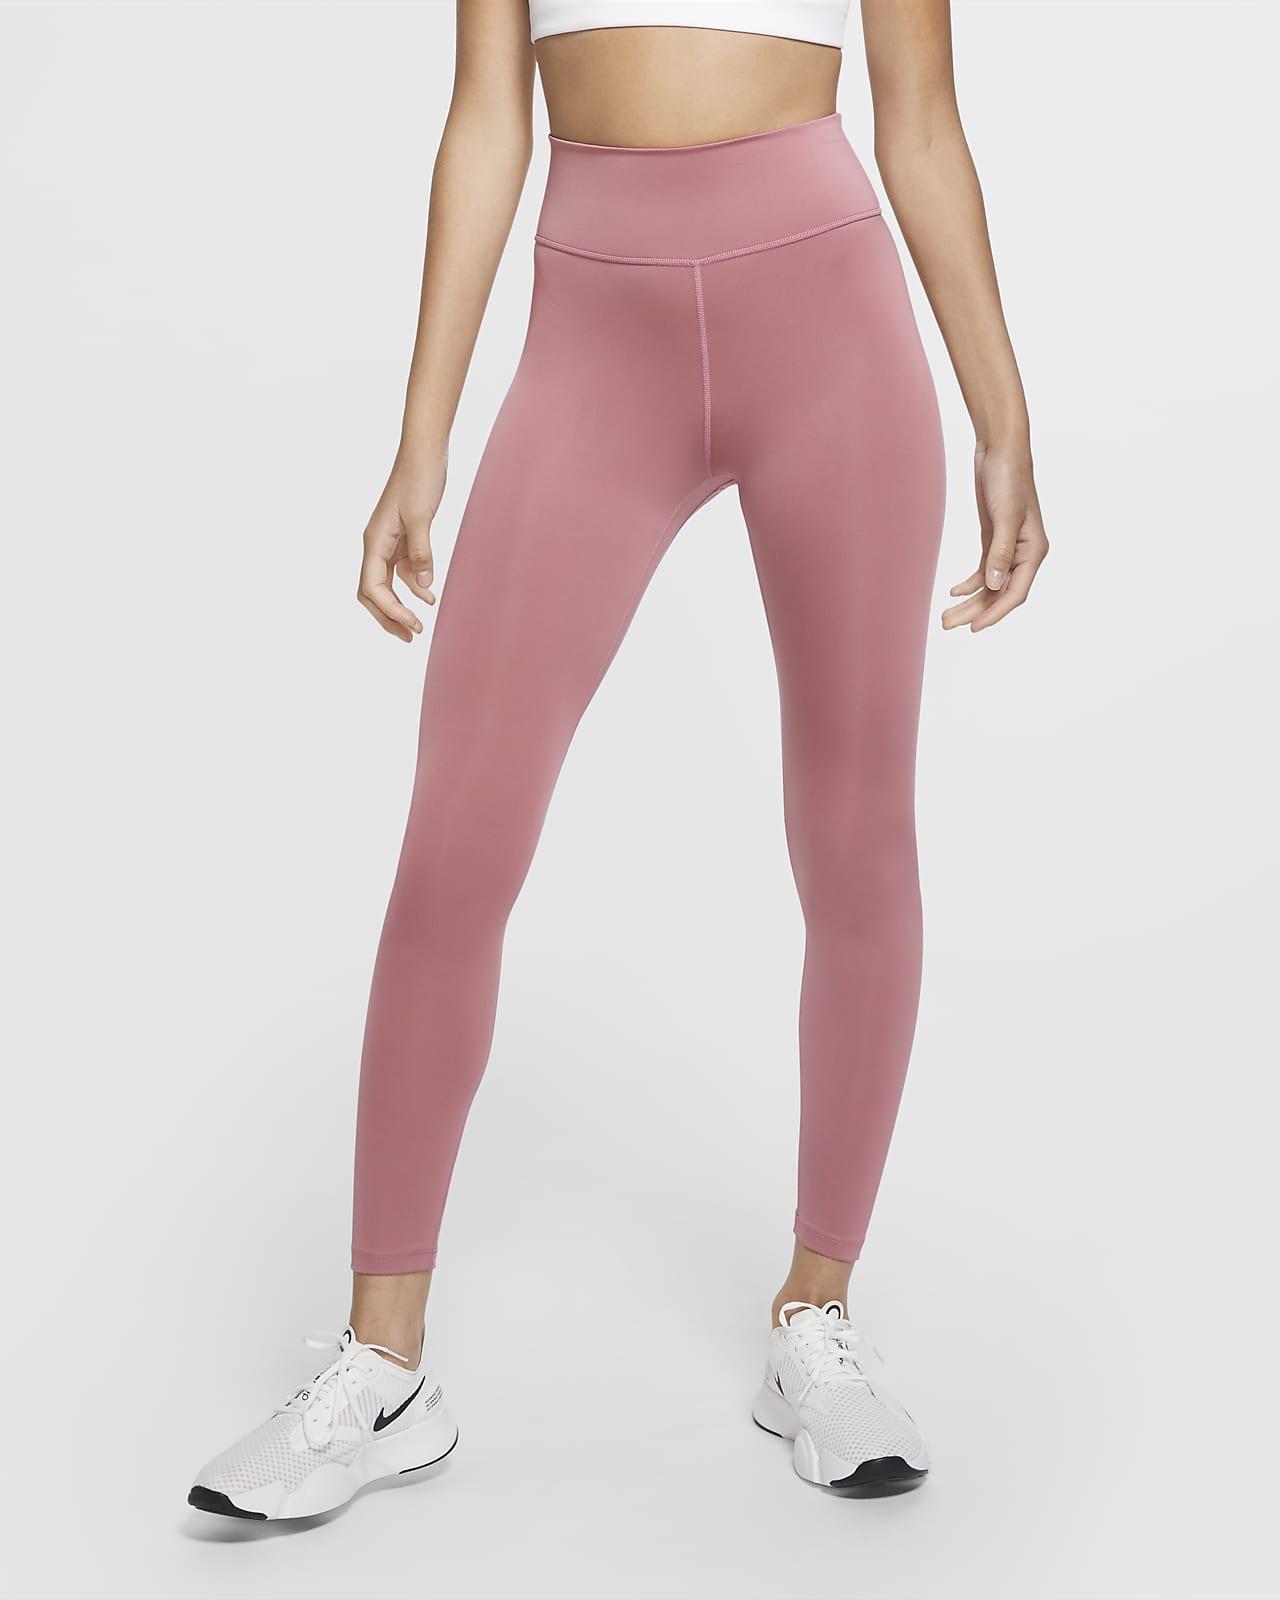 Nike One 7/8-tights met graphic voor dames